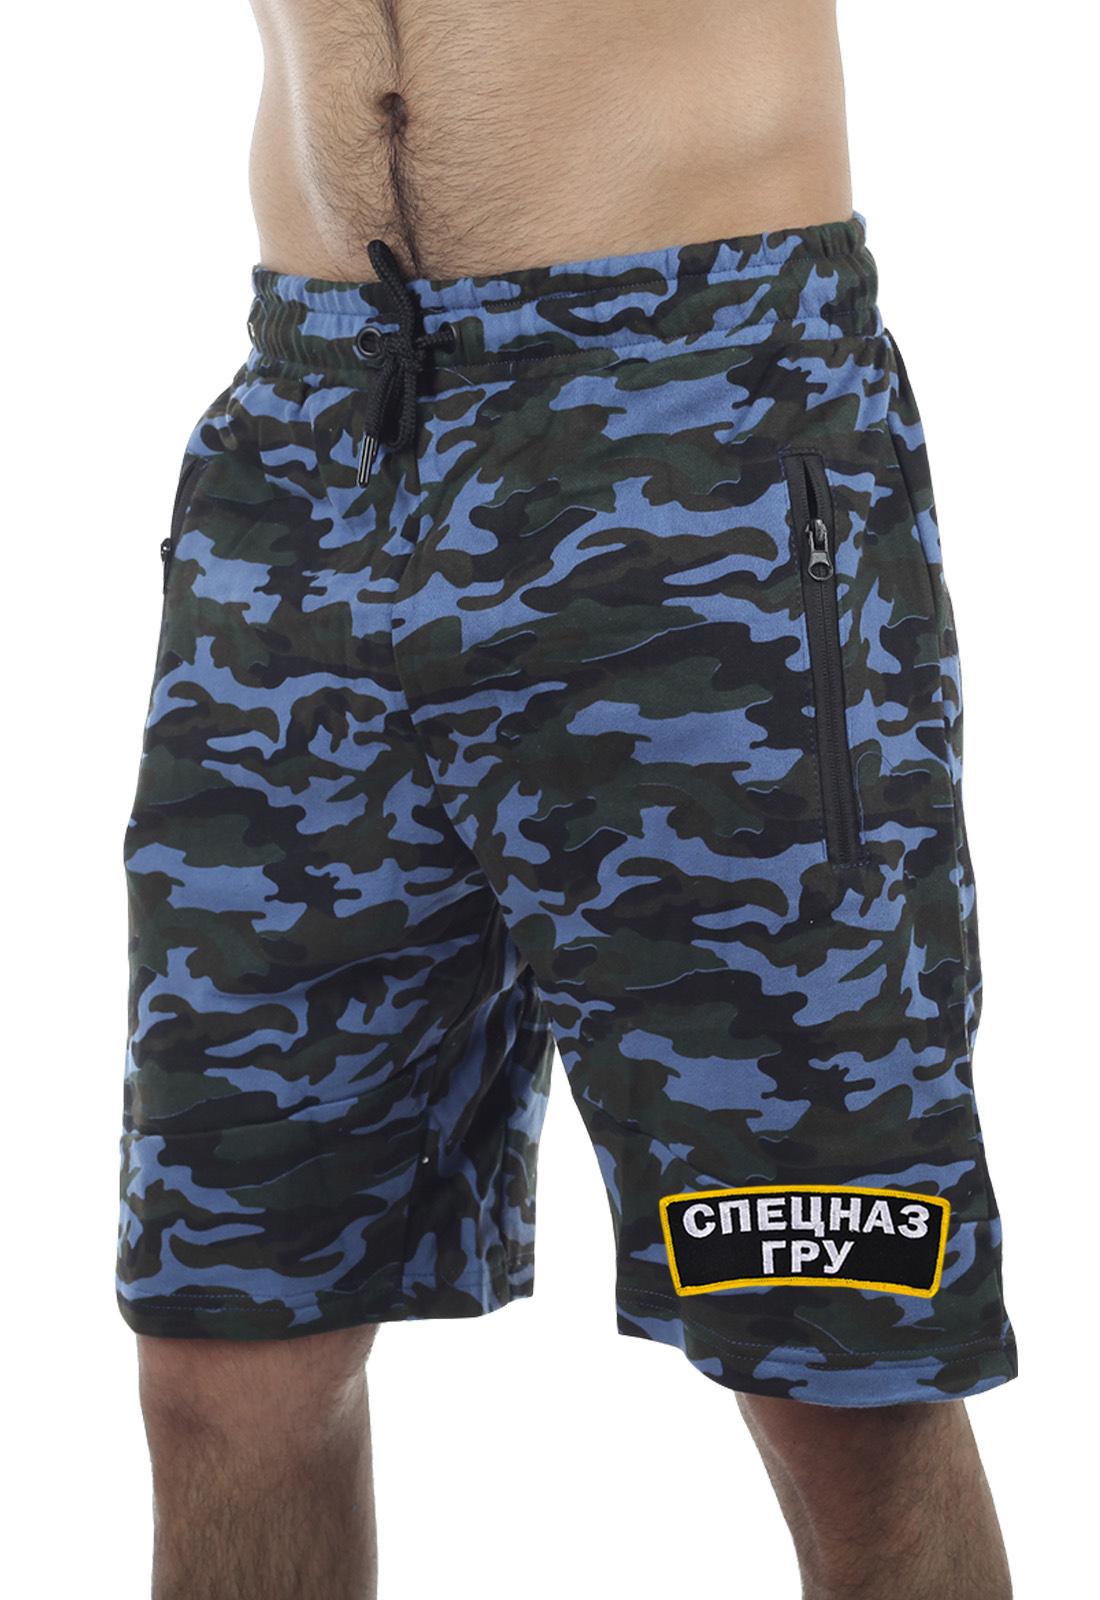 Камуфляжные шорты Спецназа ГРУ: карманы, пояс-резинка, хлопок